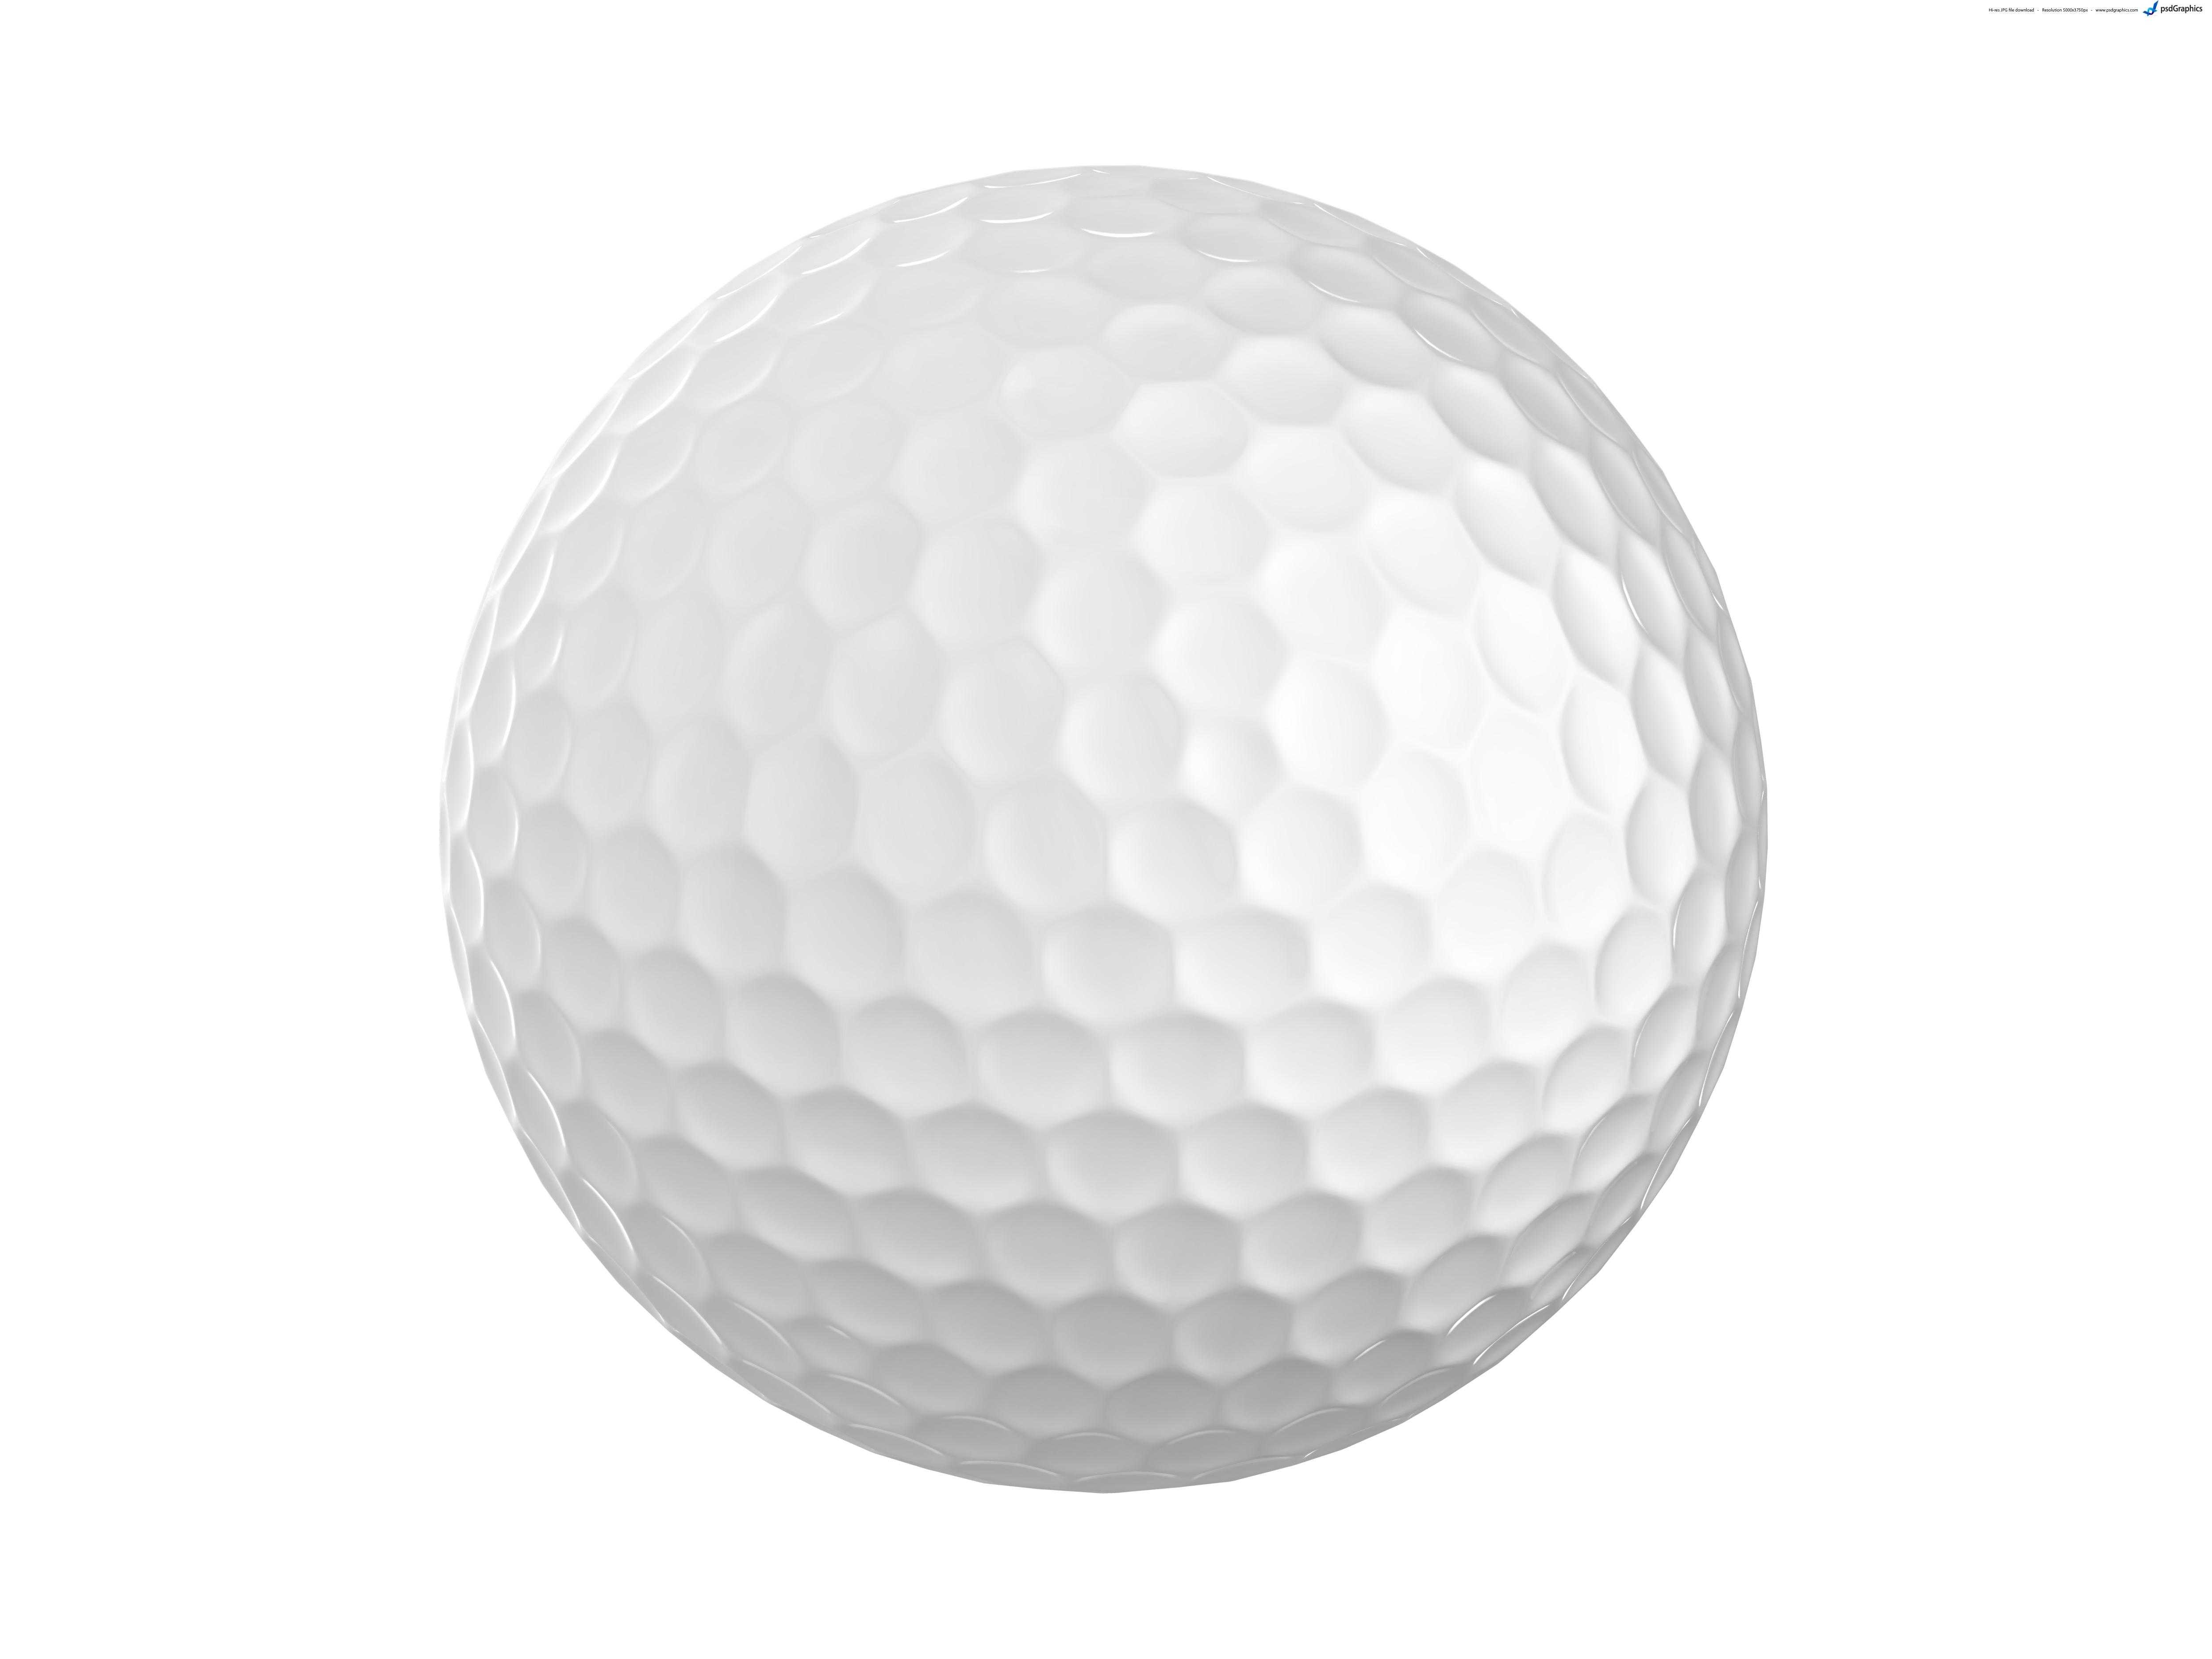 Golf Ball clipart transparent background Golf Ball Golf Golf Format